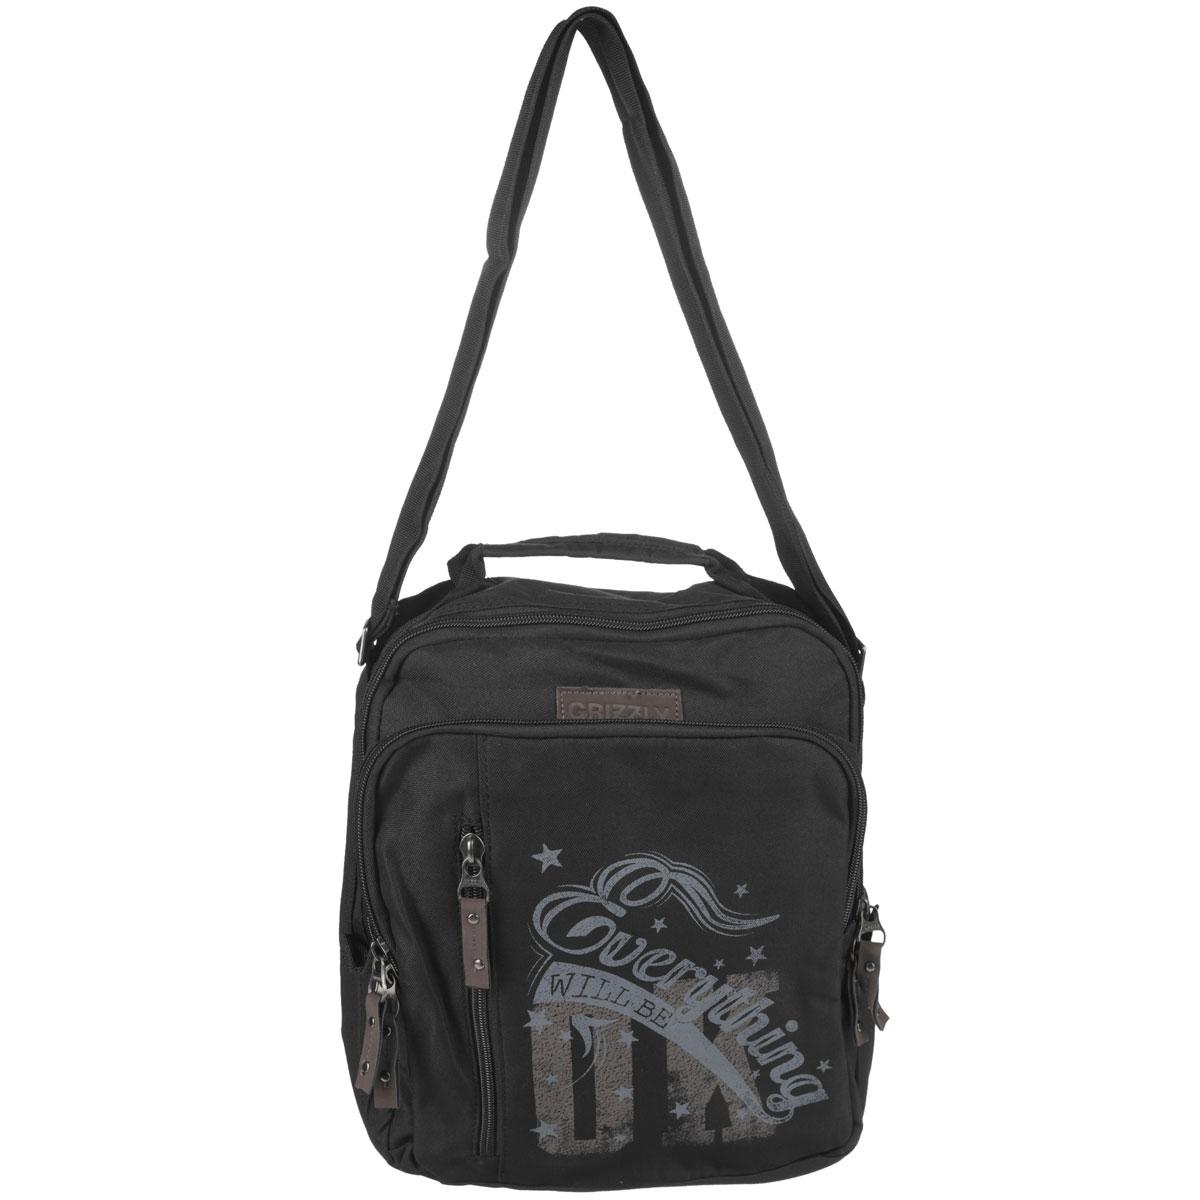 Сумка молодежная Grizzly, цвет: черный. MM-513-3ММ-513-3/2Молодежная сумка с одним отделением на молнии,с передними,задним и внутренним карманами.В переднем кармане имеется карман-органайзер.Сумка имеет укрепленное дно,ручку для переноски и регулируемый ремень.